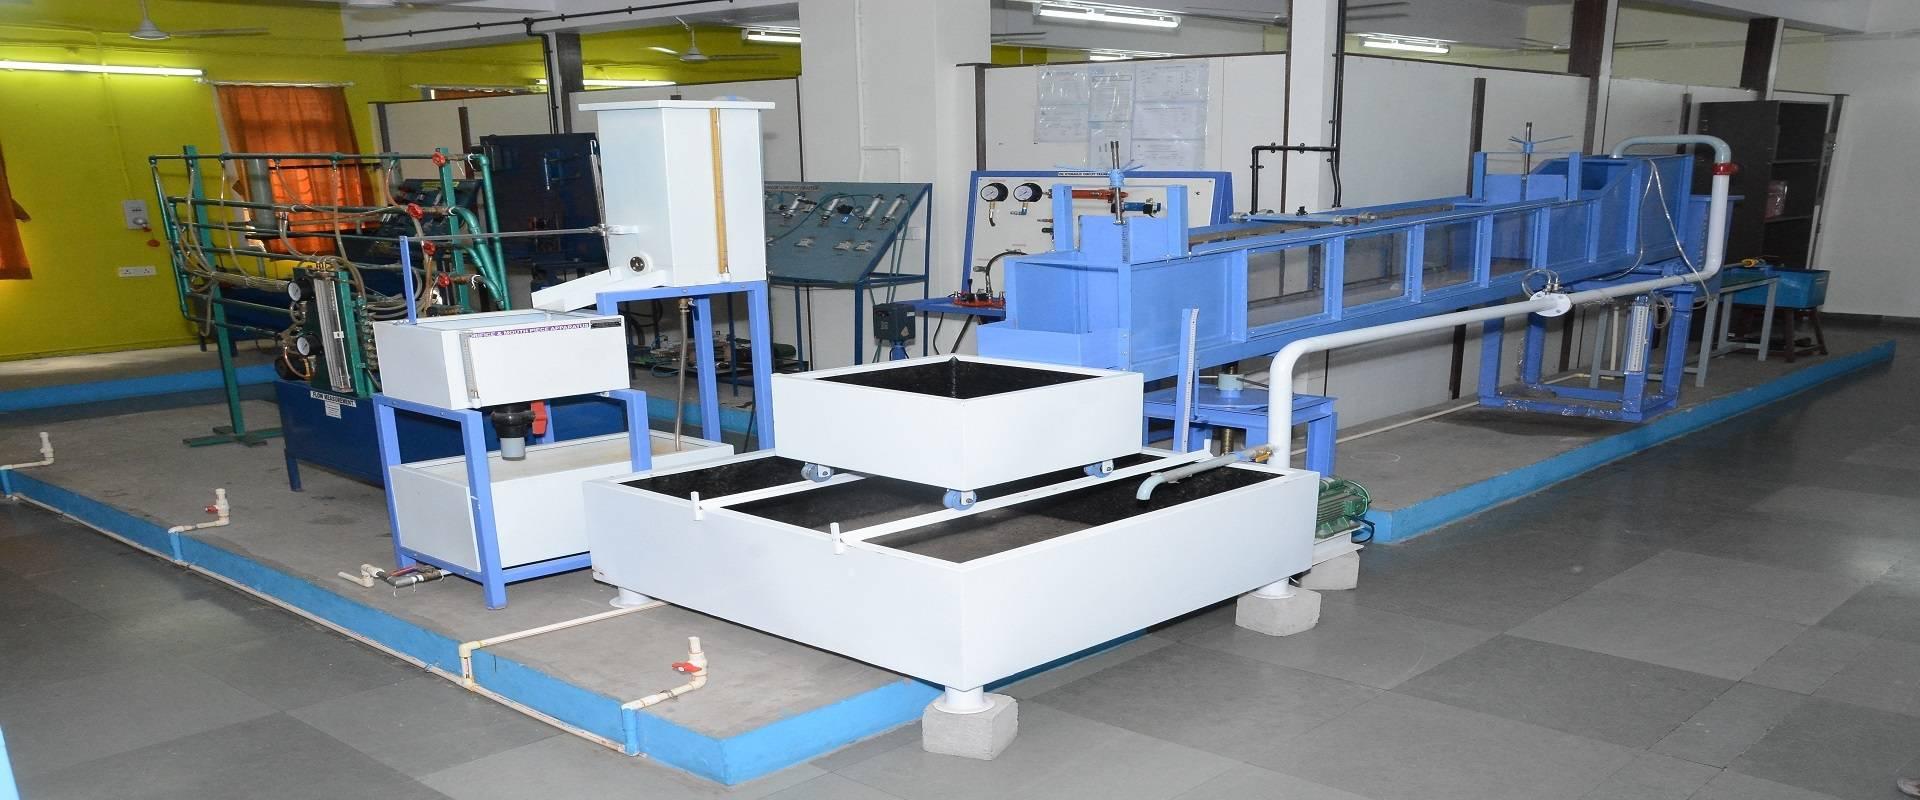 civil-Hydraulic lab